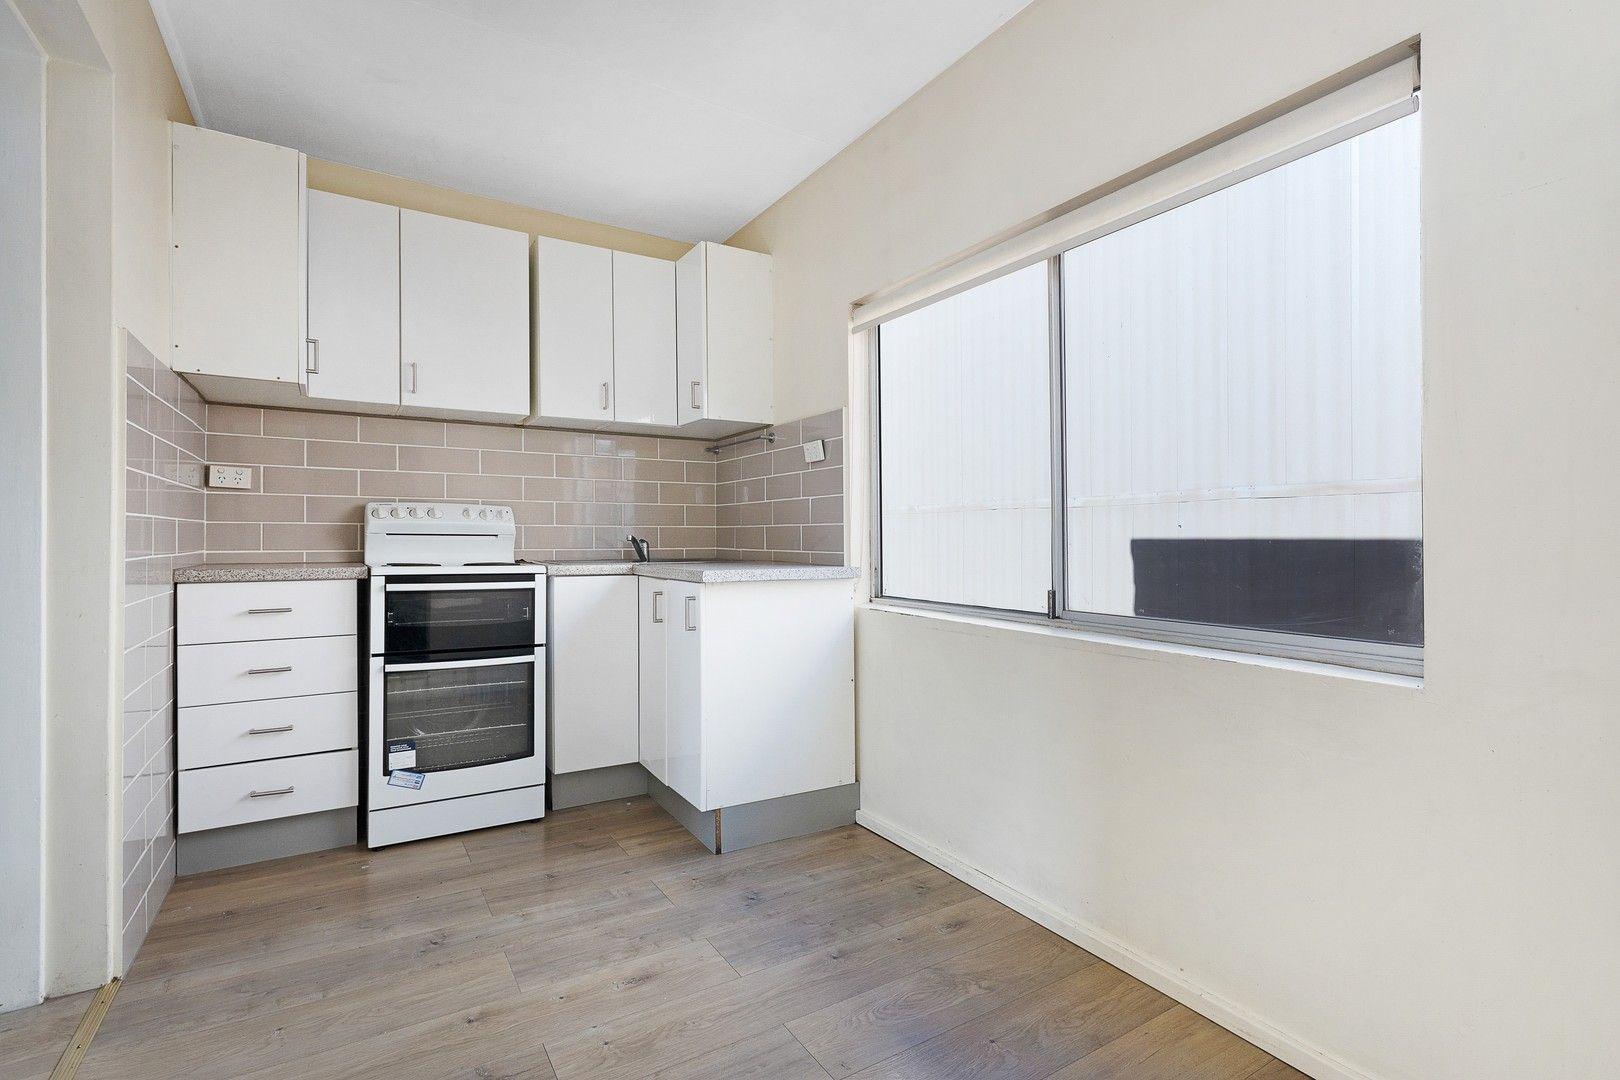 15A/13-15 Charlotte Street, Ashfield NSW 2131, Image 1